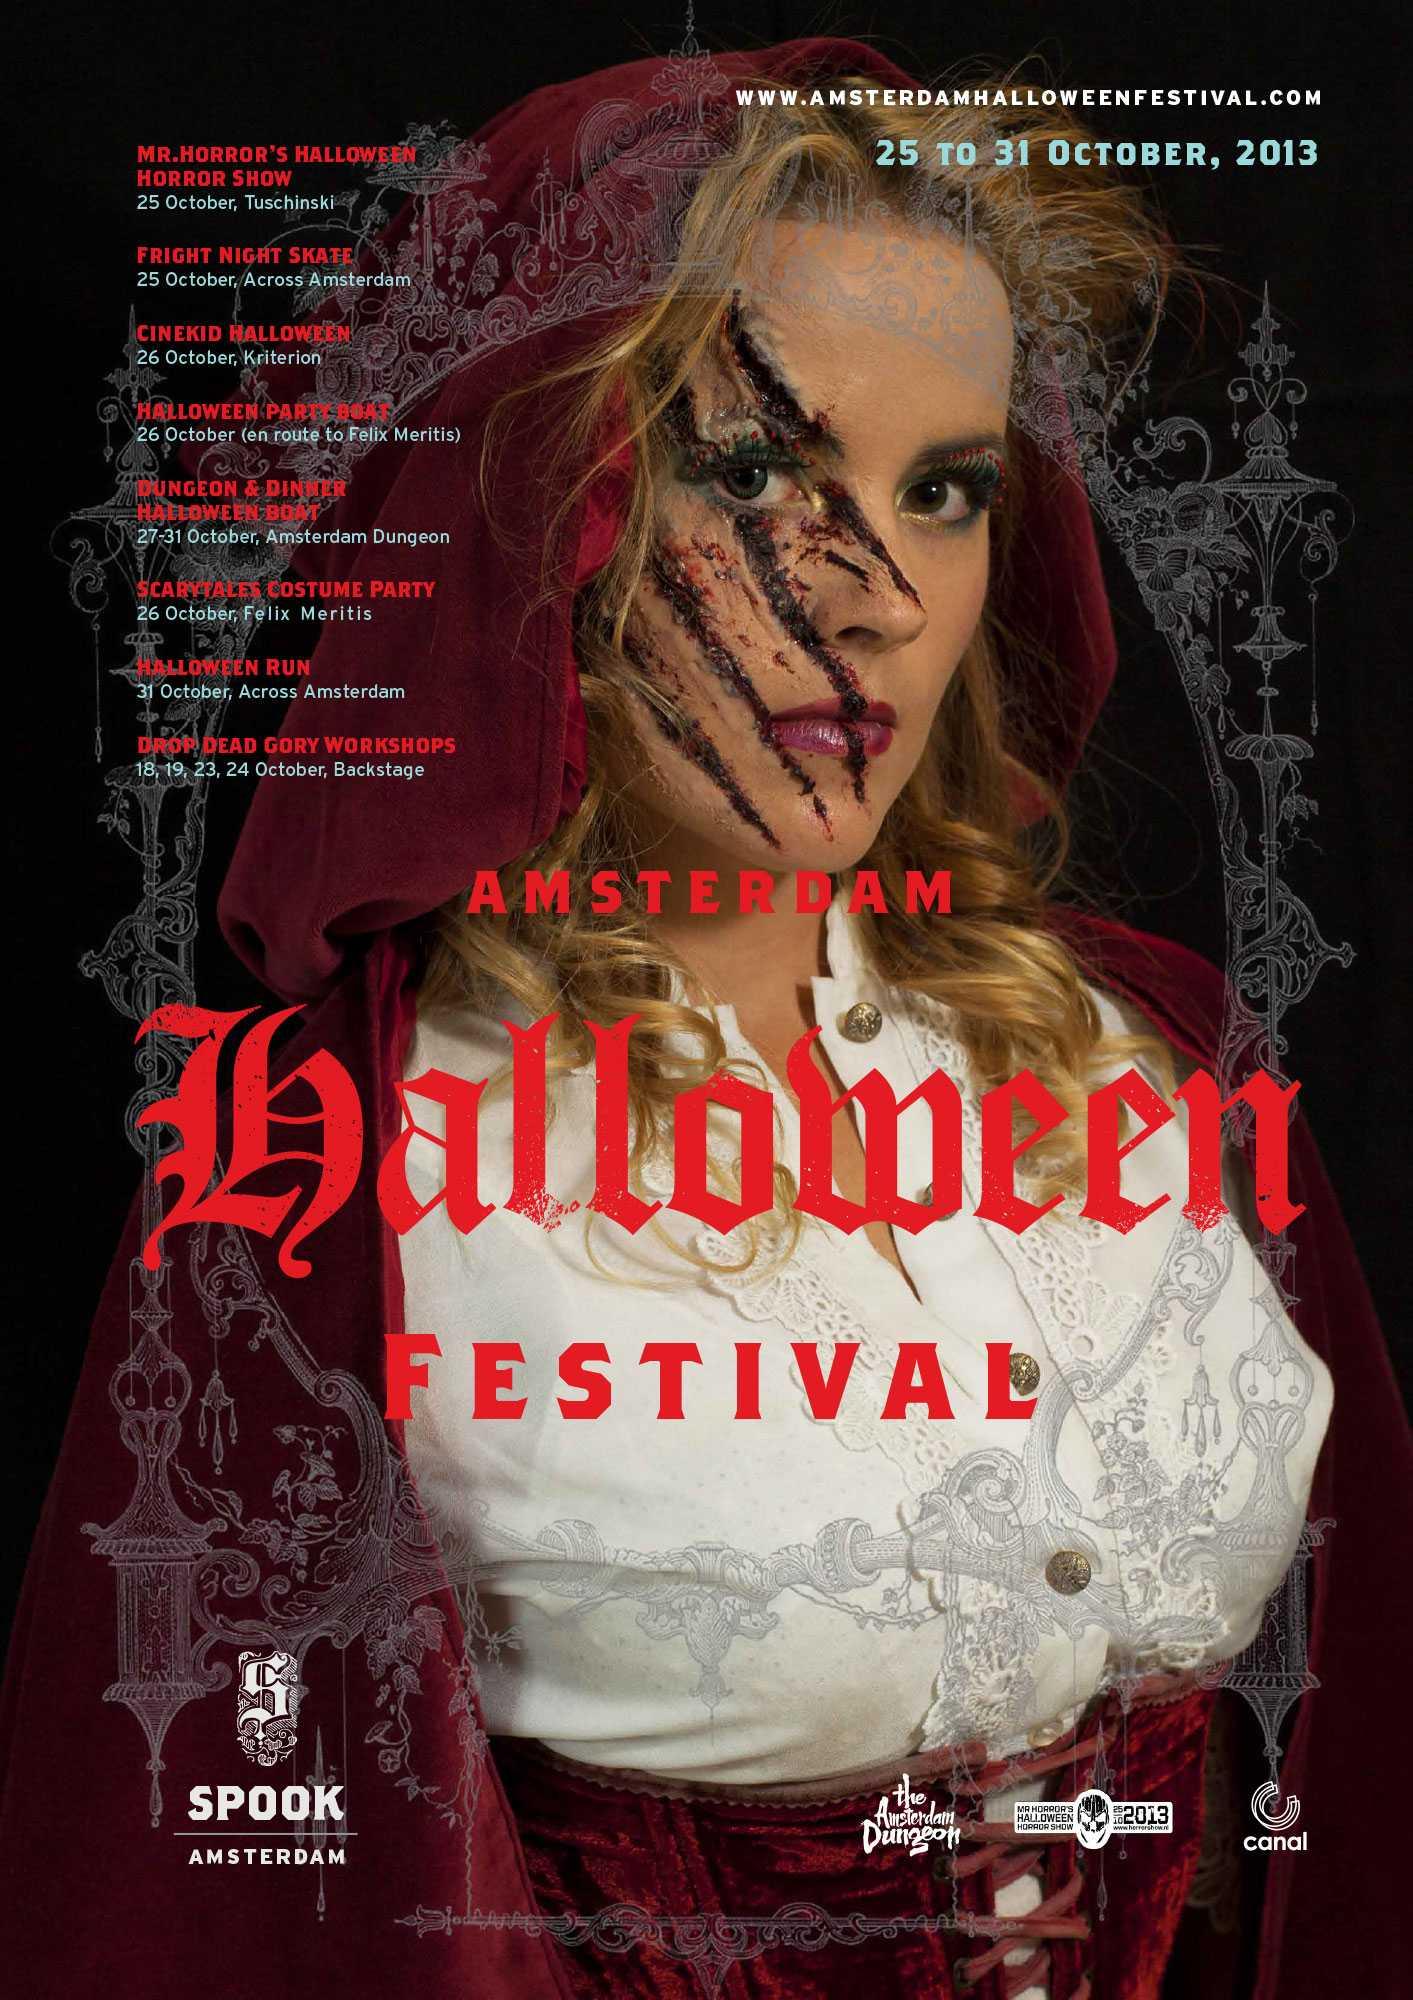 Festival Poster Amsterdam Spook Halloween Festival